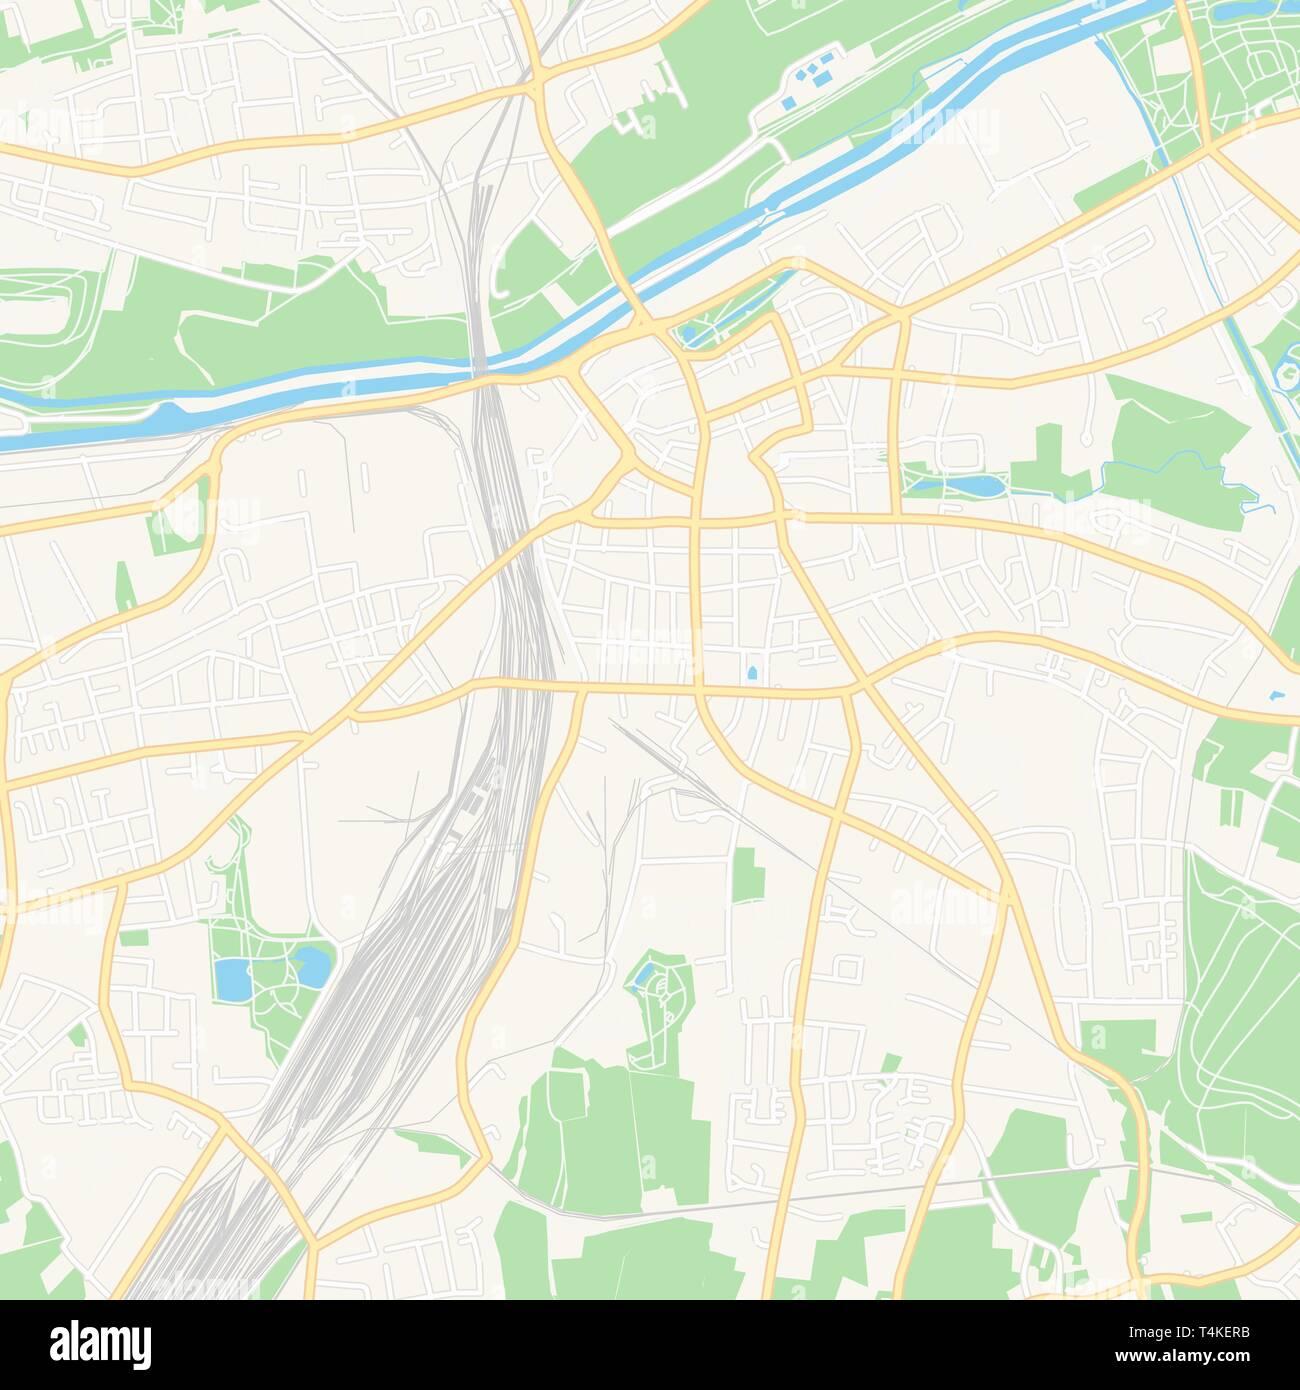 Hamm Karte.Druckbare Karte Von Hamm Deutschland Mit Haupt Und Nebenstraßen